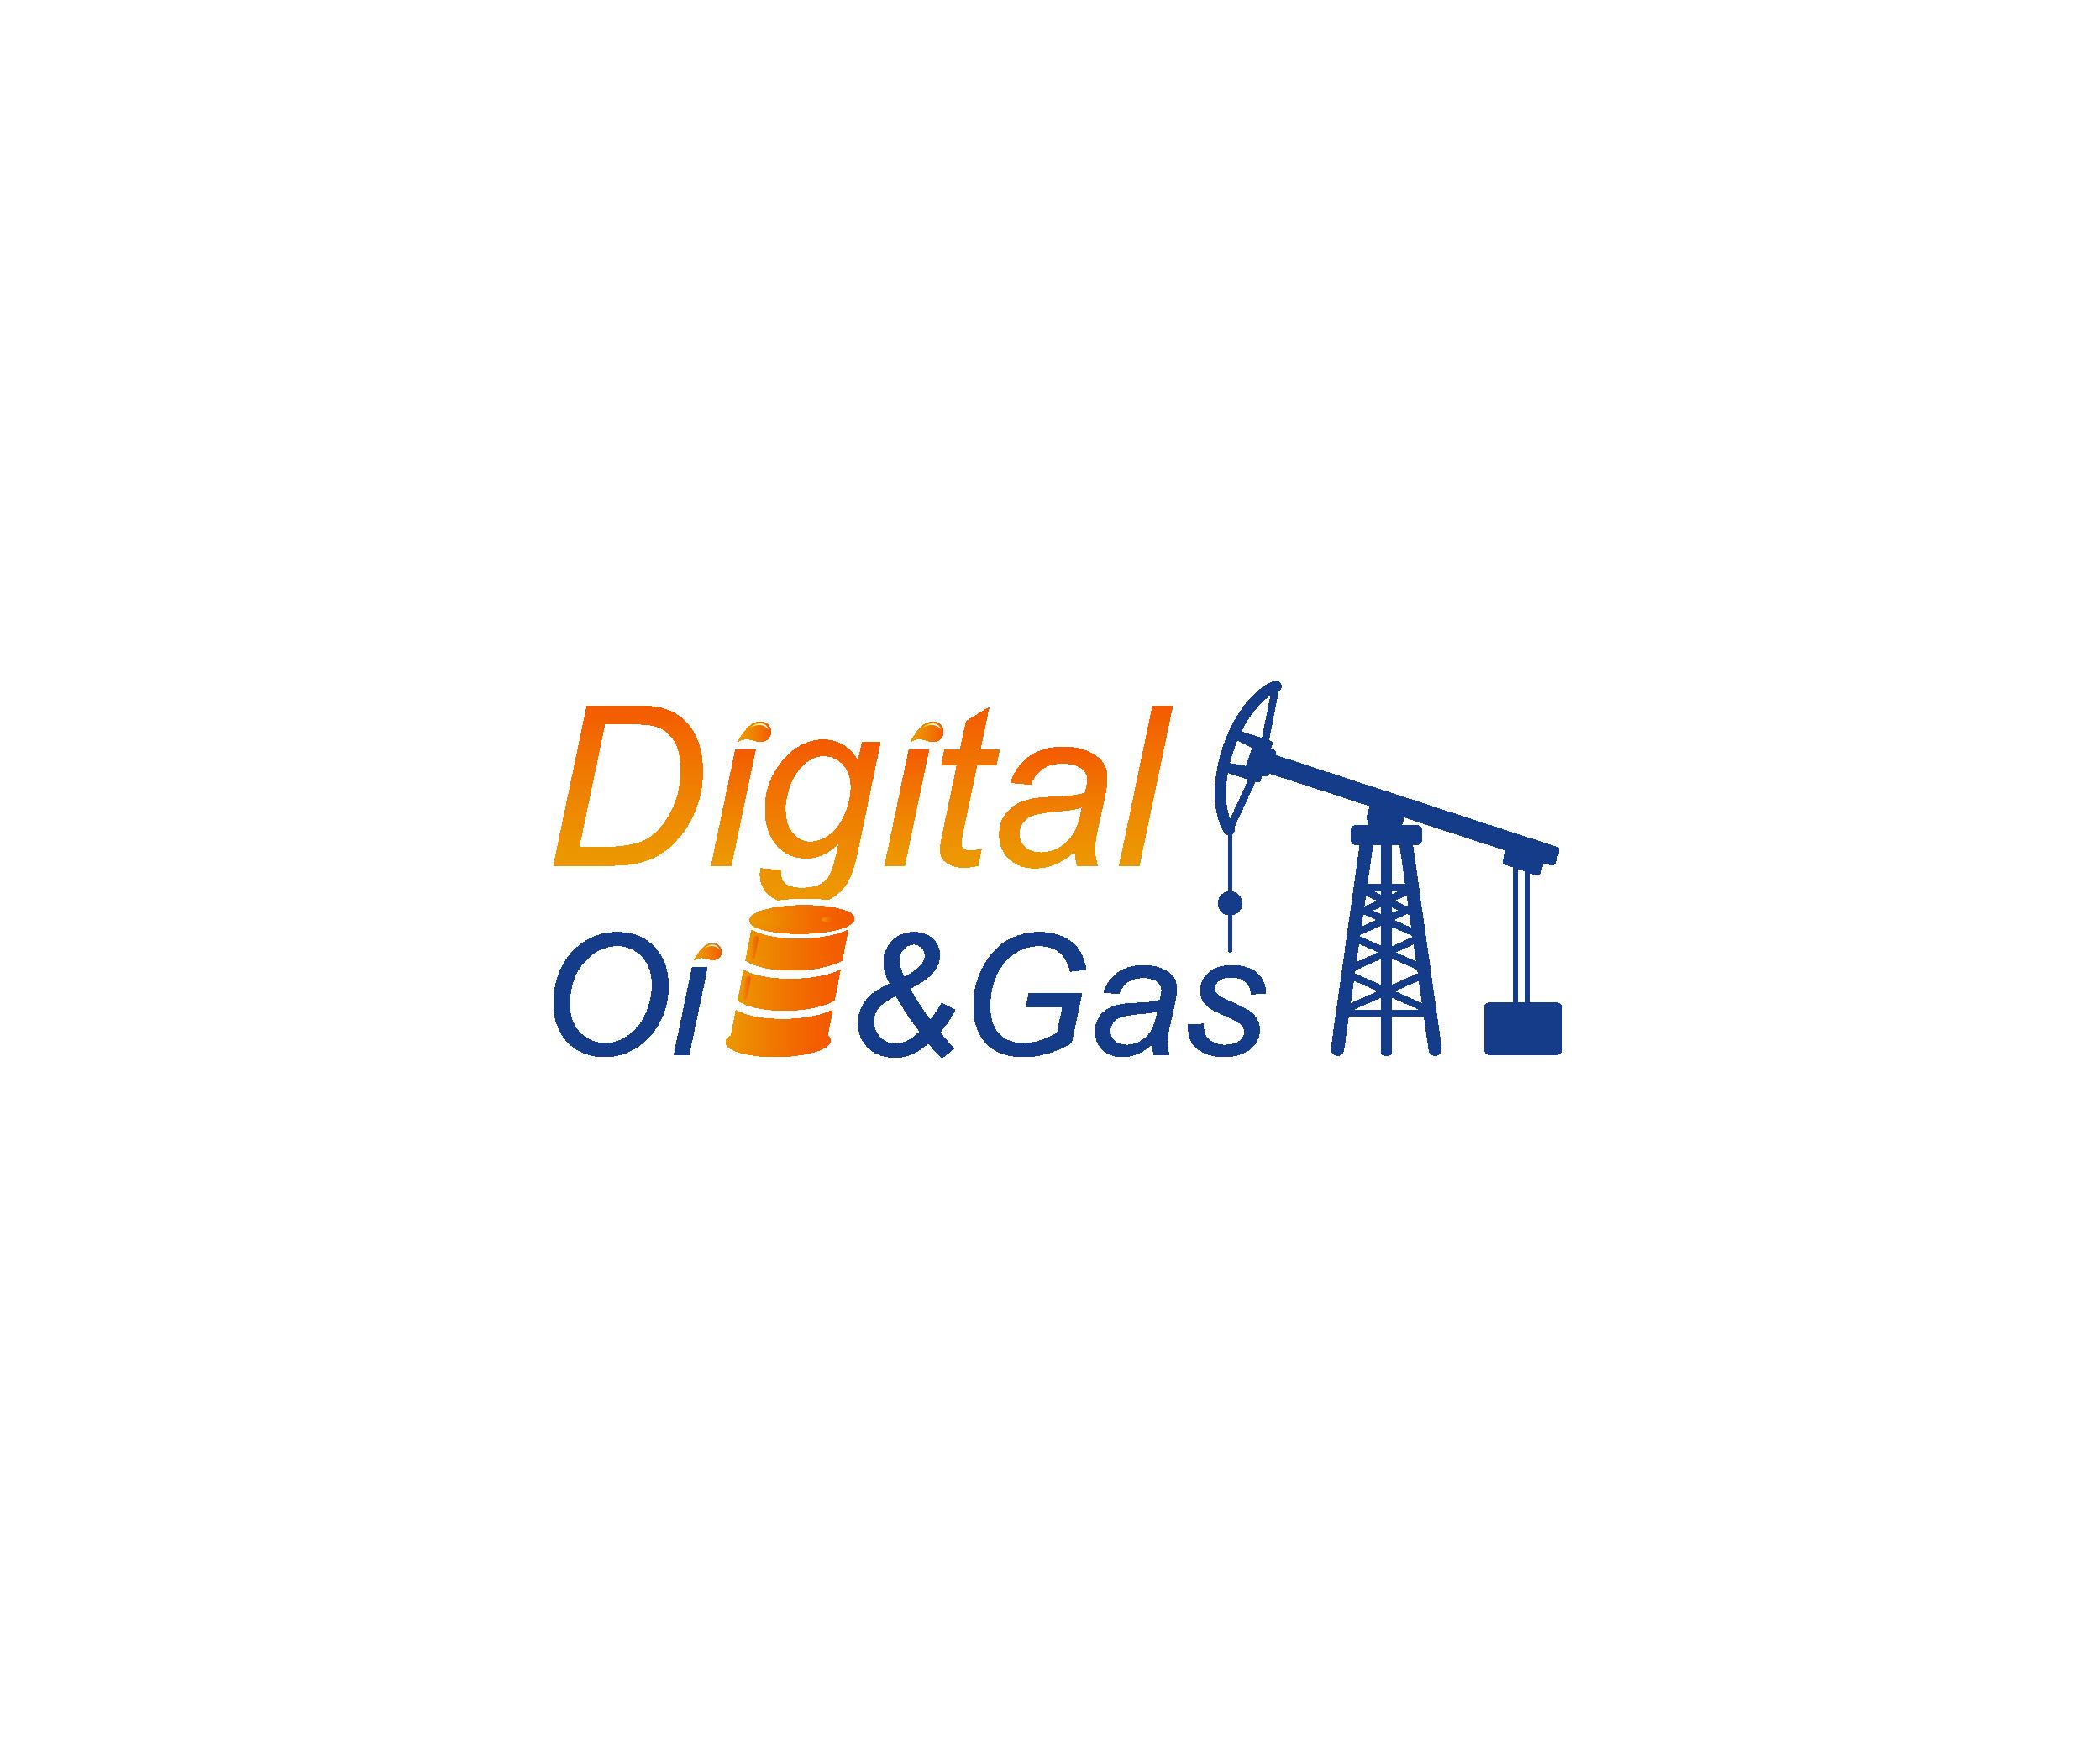 2019亚洲数字化石油——天然气高峰论坛, 制定适合自身发展的数字化之路